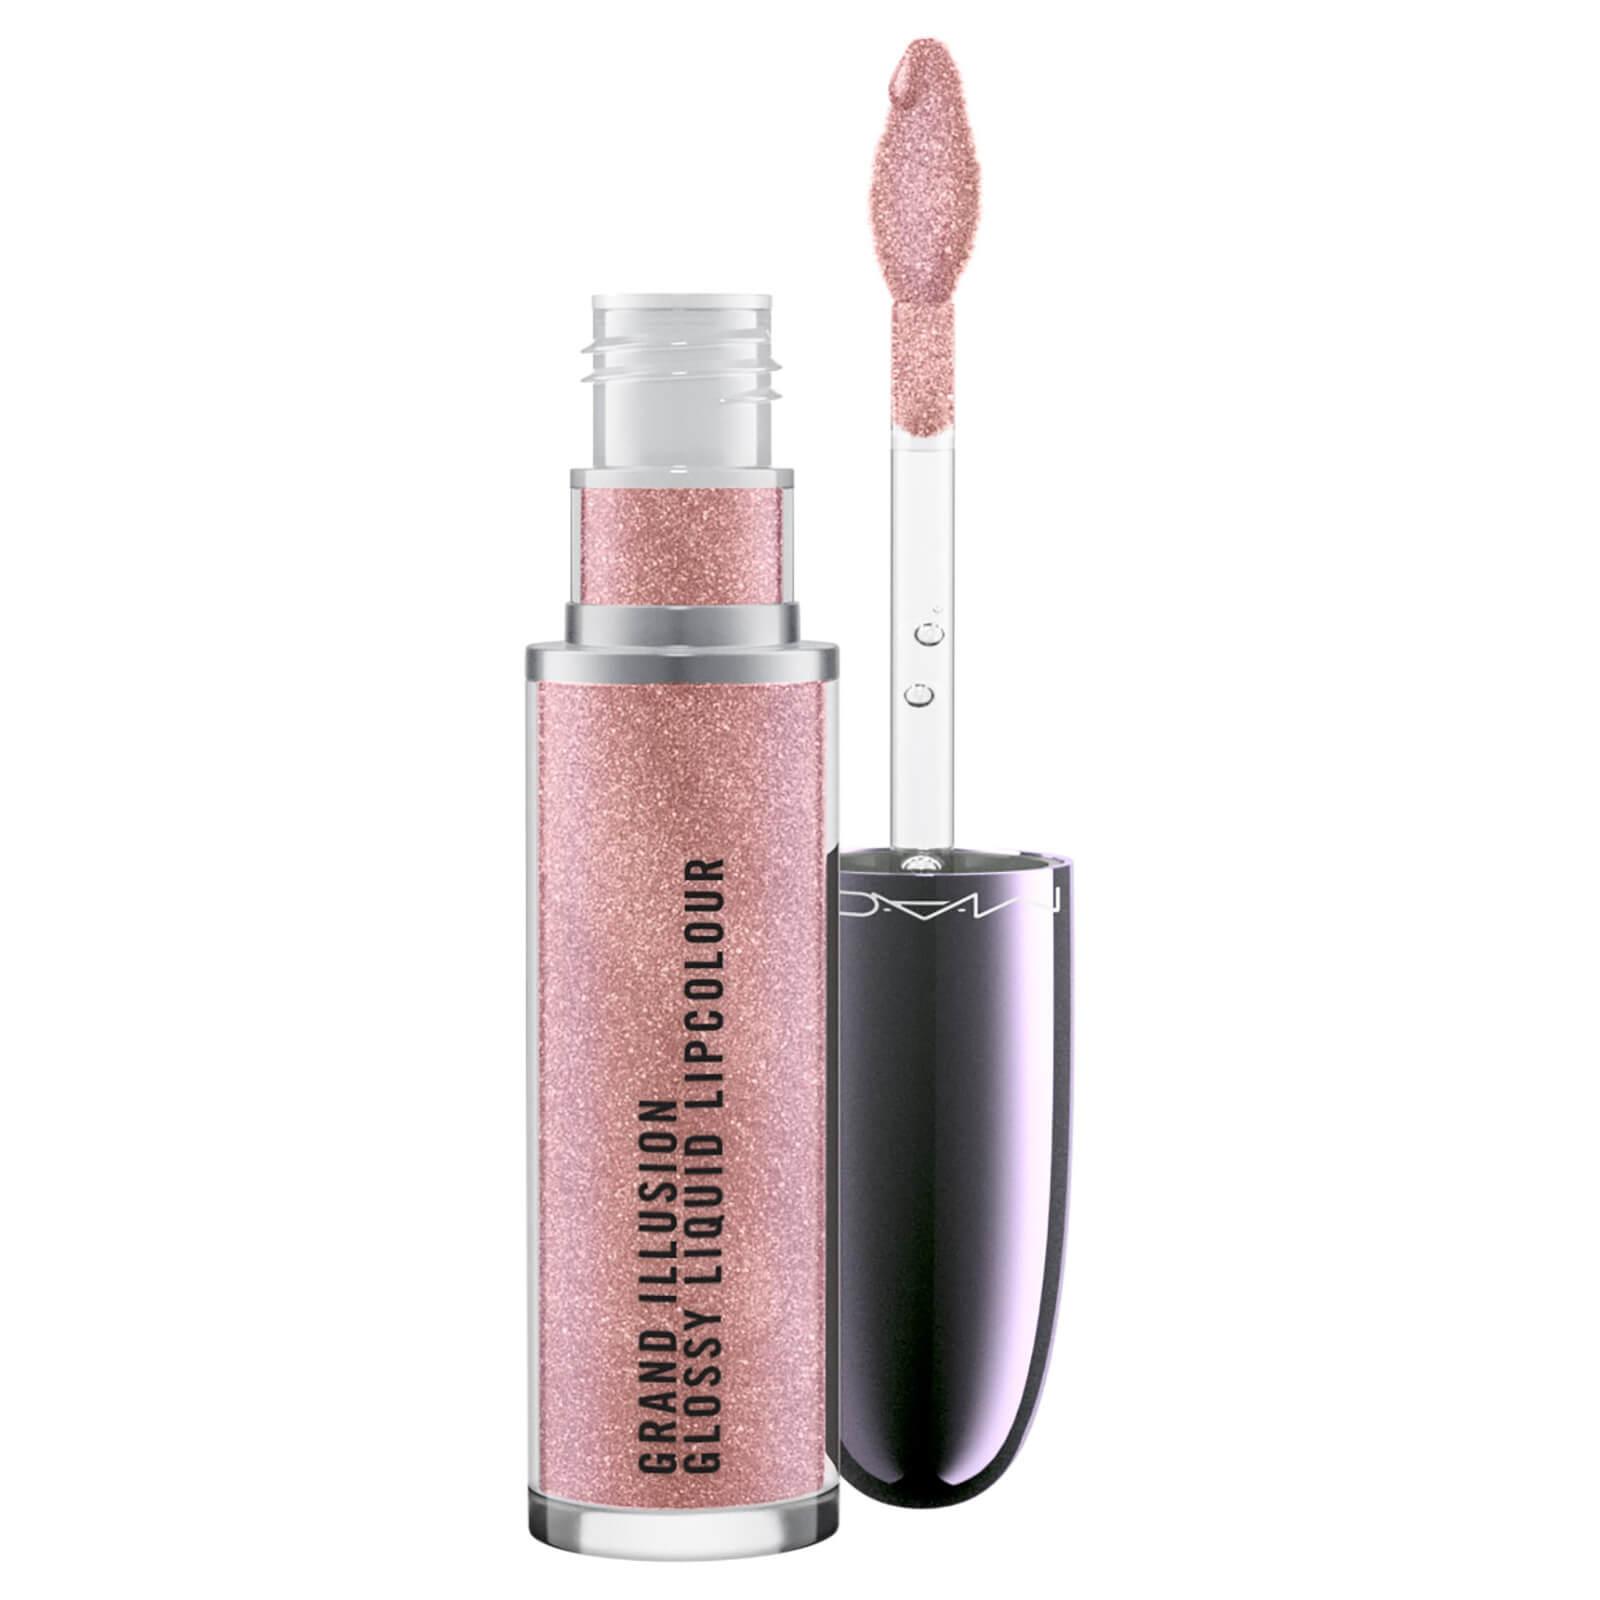 MAC Grand Illusion Glossy Liquid Lip Colour